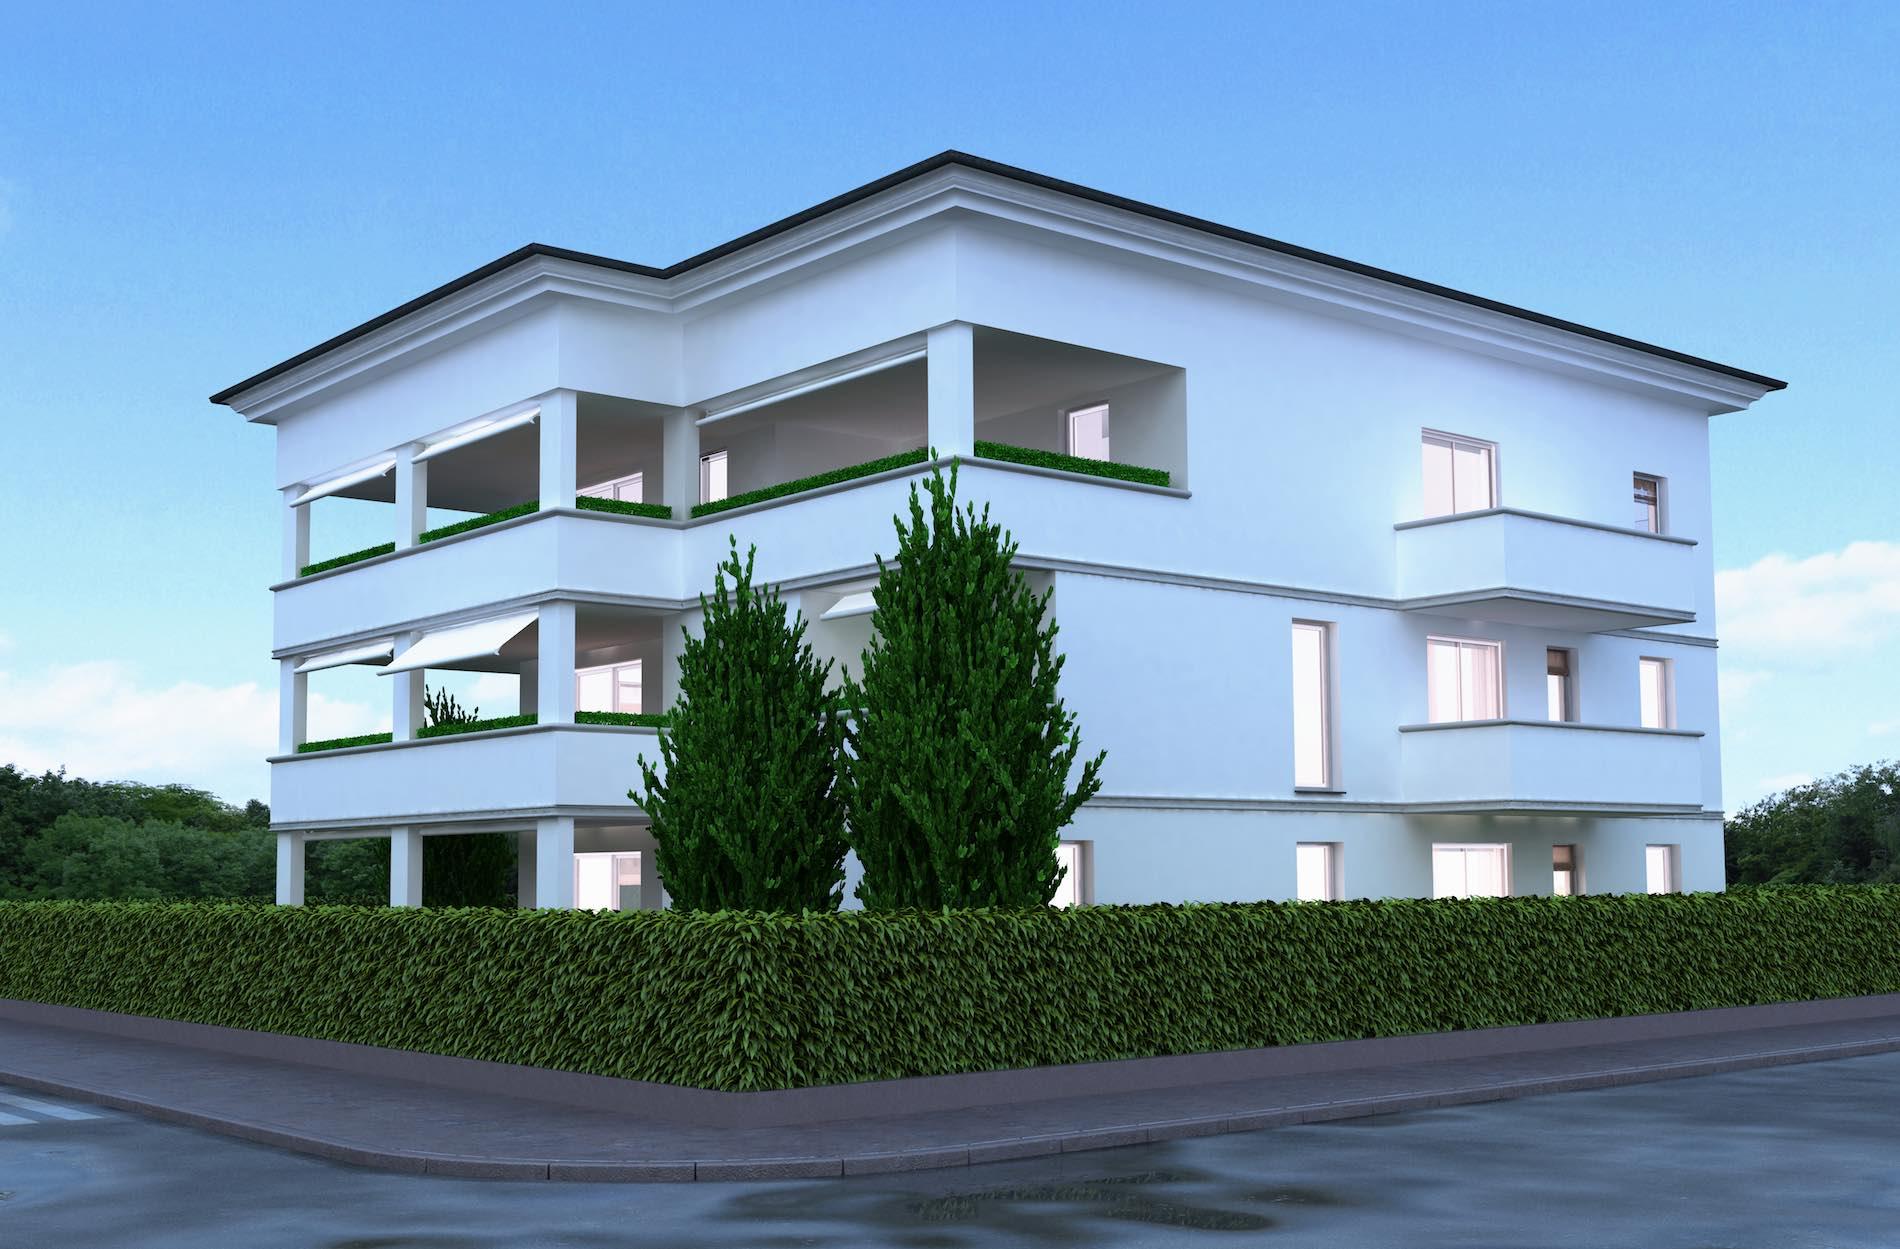 Progettazione interni e ristrutturazione my casa for Progettazione interni casa